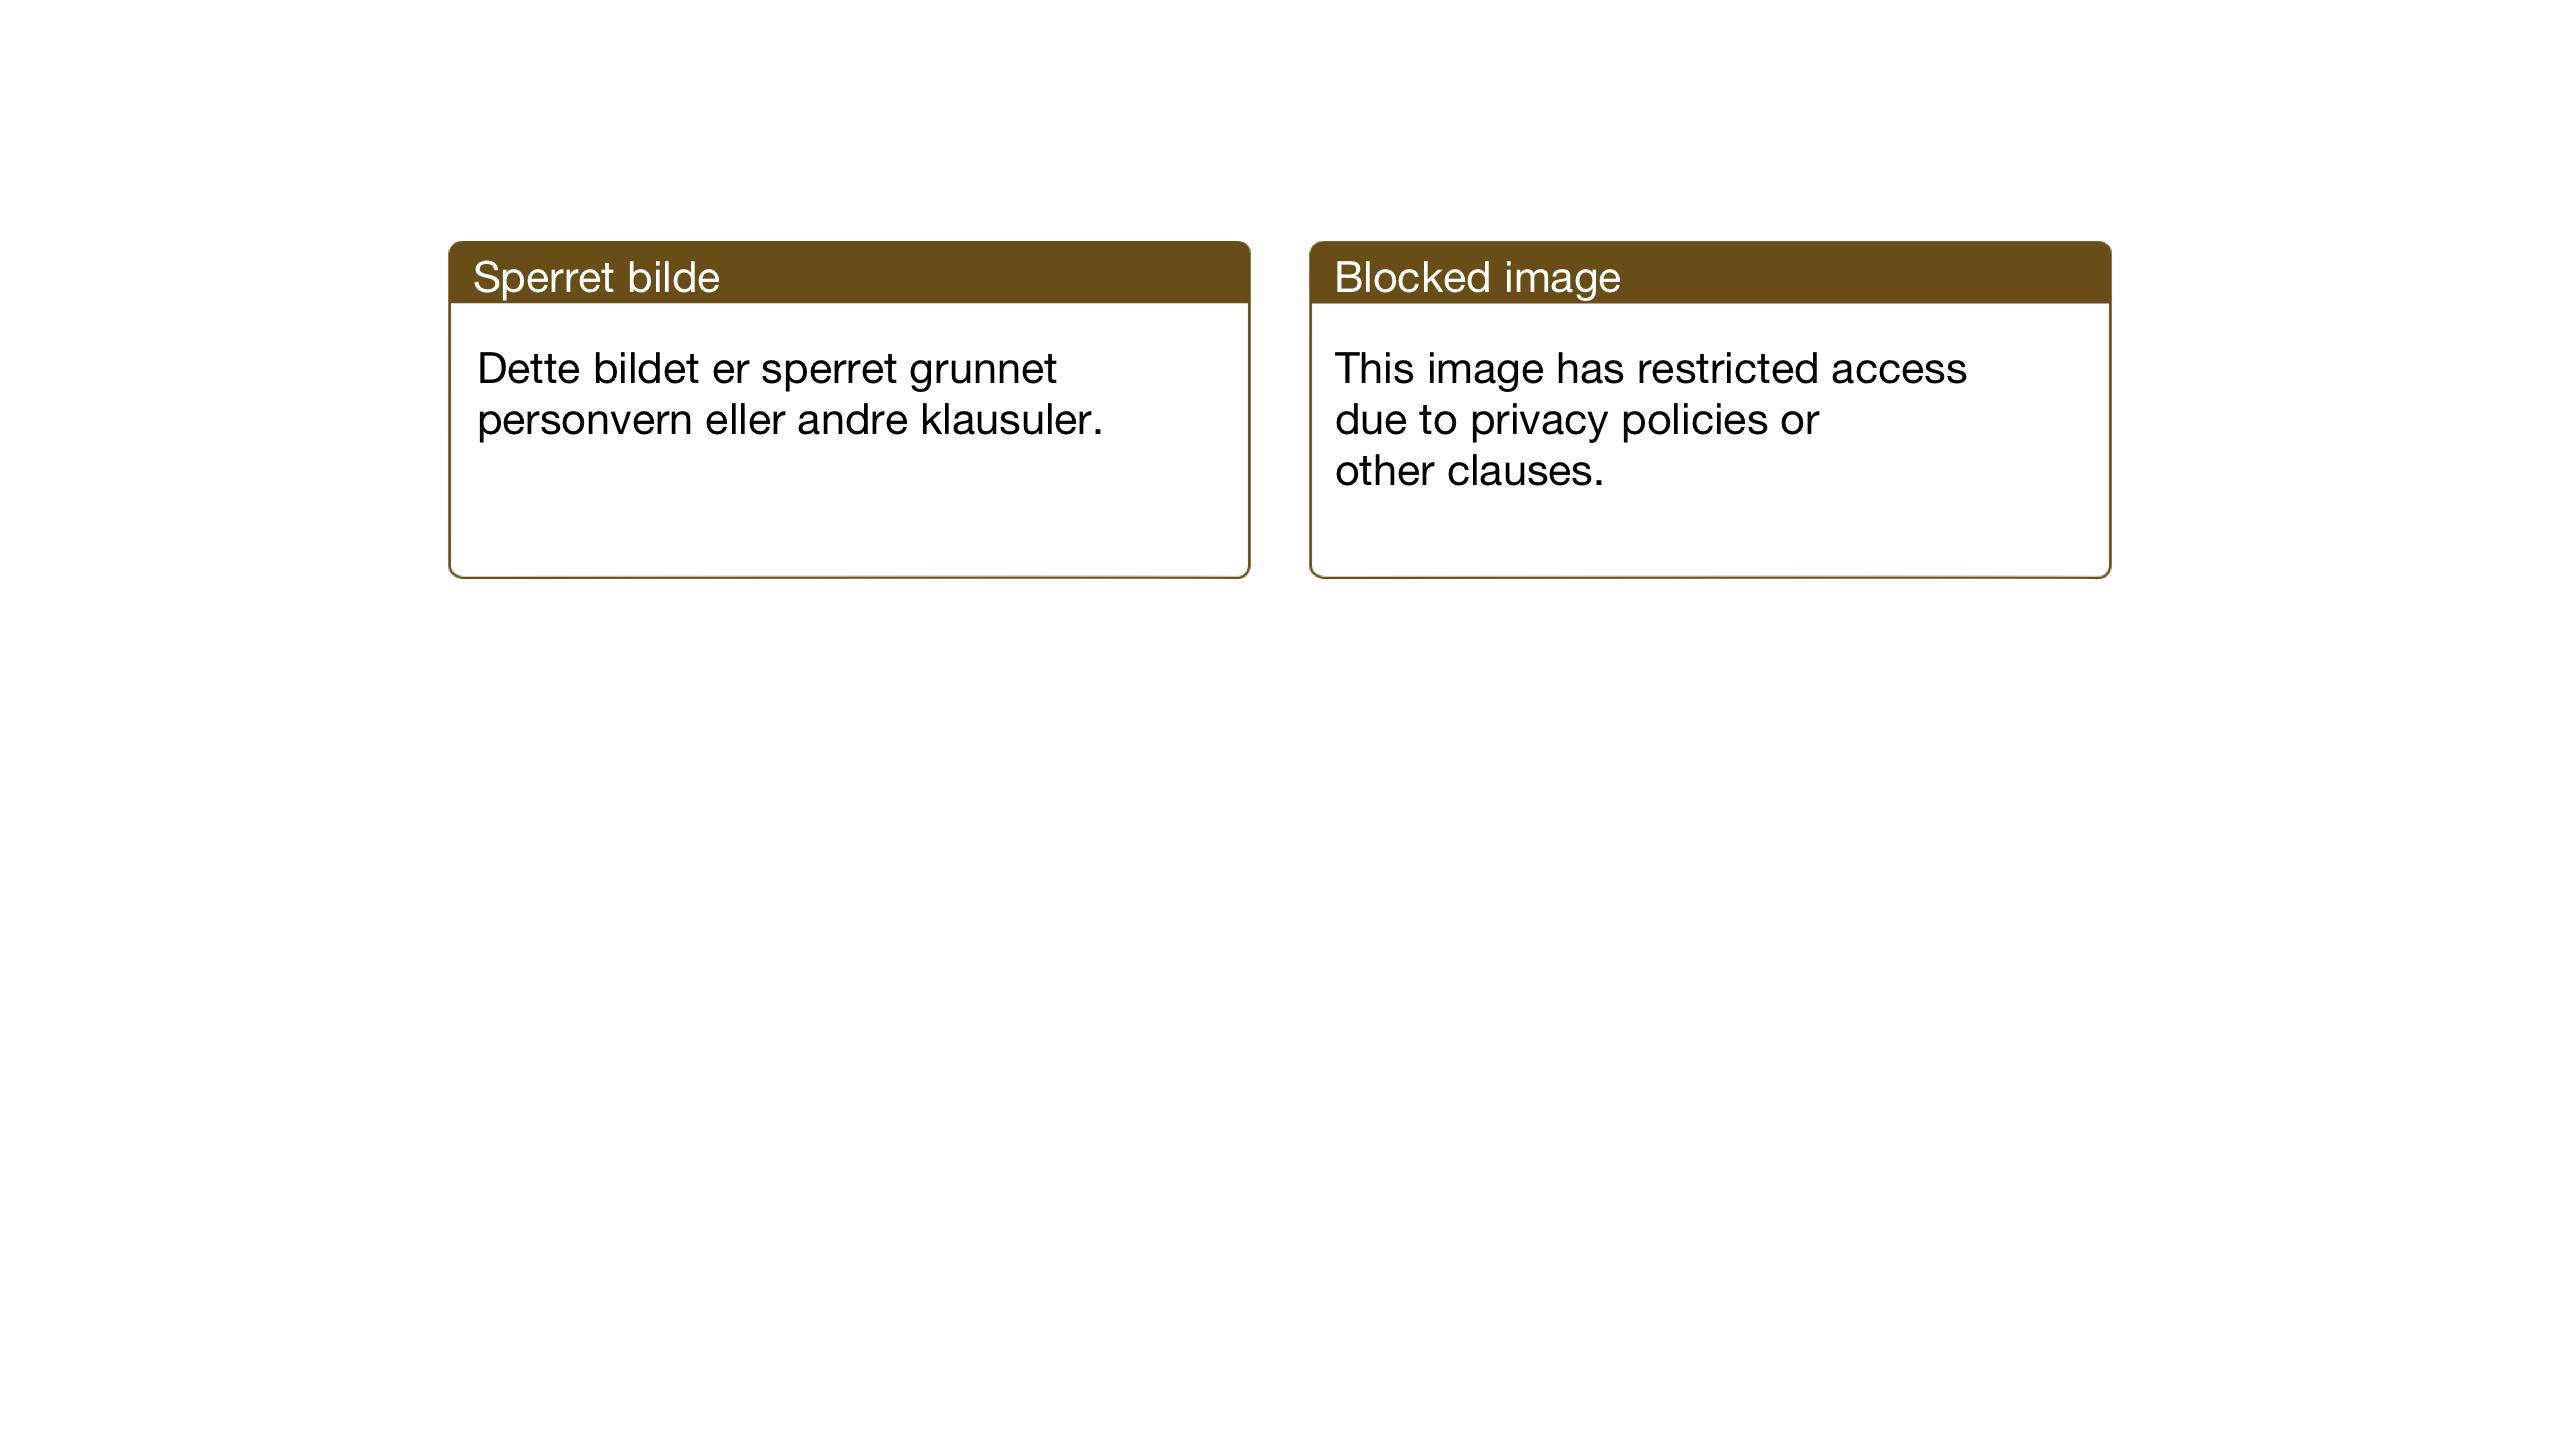 SAT, Ministerialprotokoller, klokkerbøker og fødselsregistre - Sør-Trøndelag, 656/L0696: Klokkerbok nr. 656C02, 1921-1937, s. 121